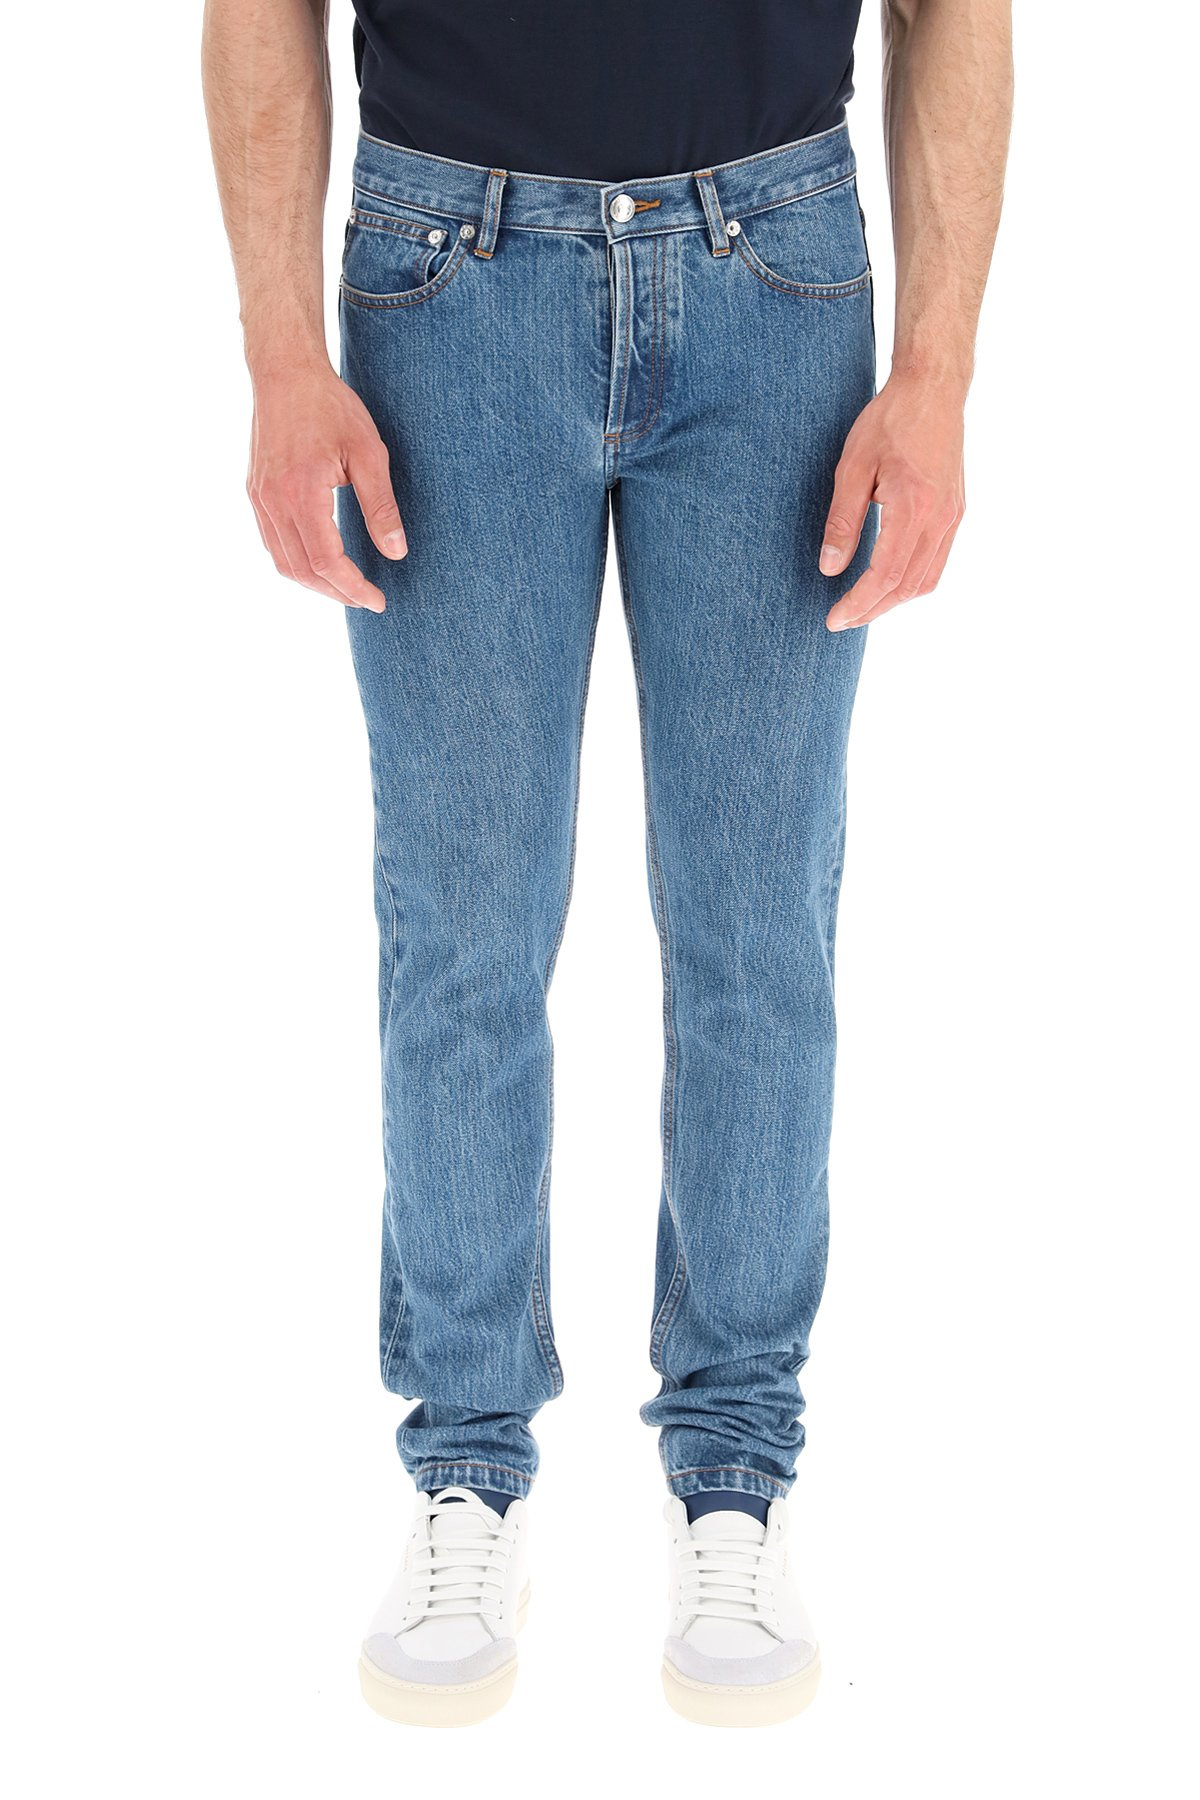 A.p.c. jeans petit new standard